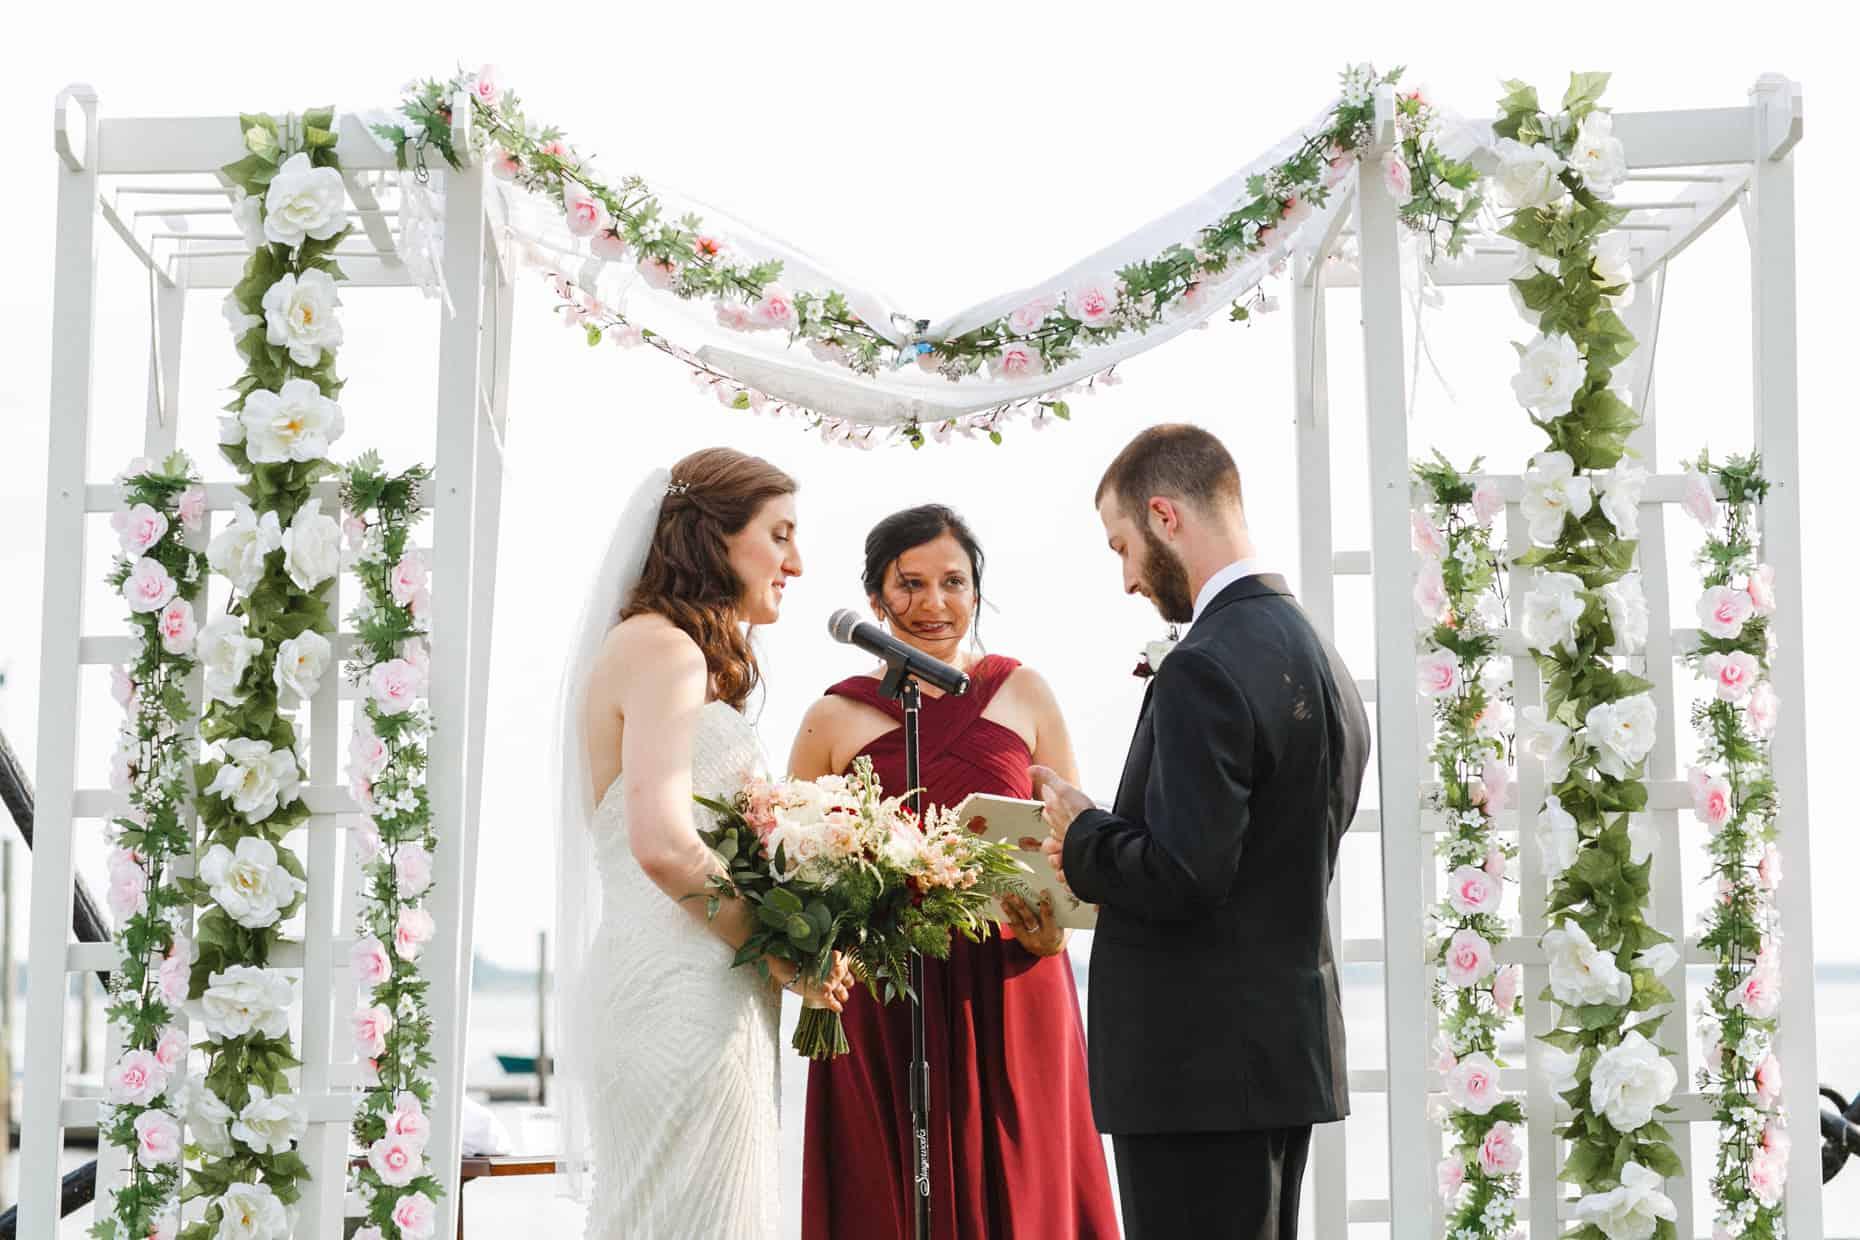 Corinthian Yacht Club of Philadelphia Wedding Ceremony